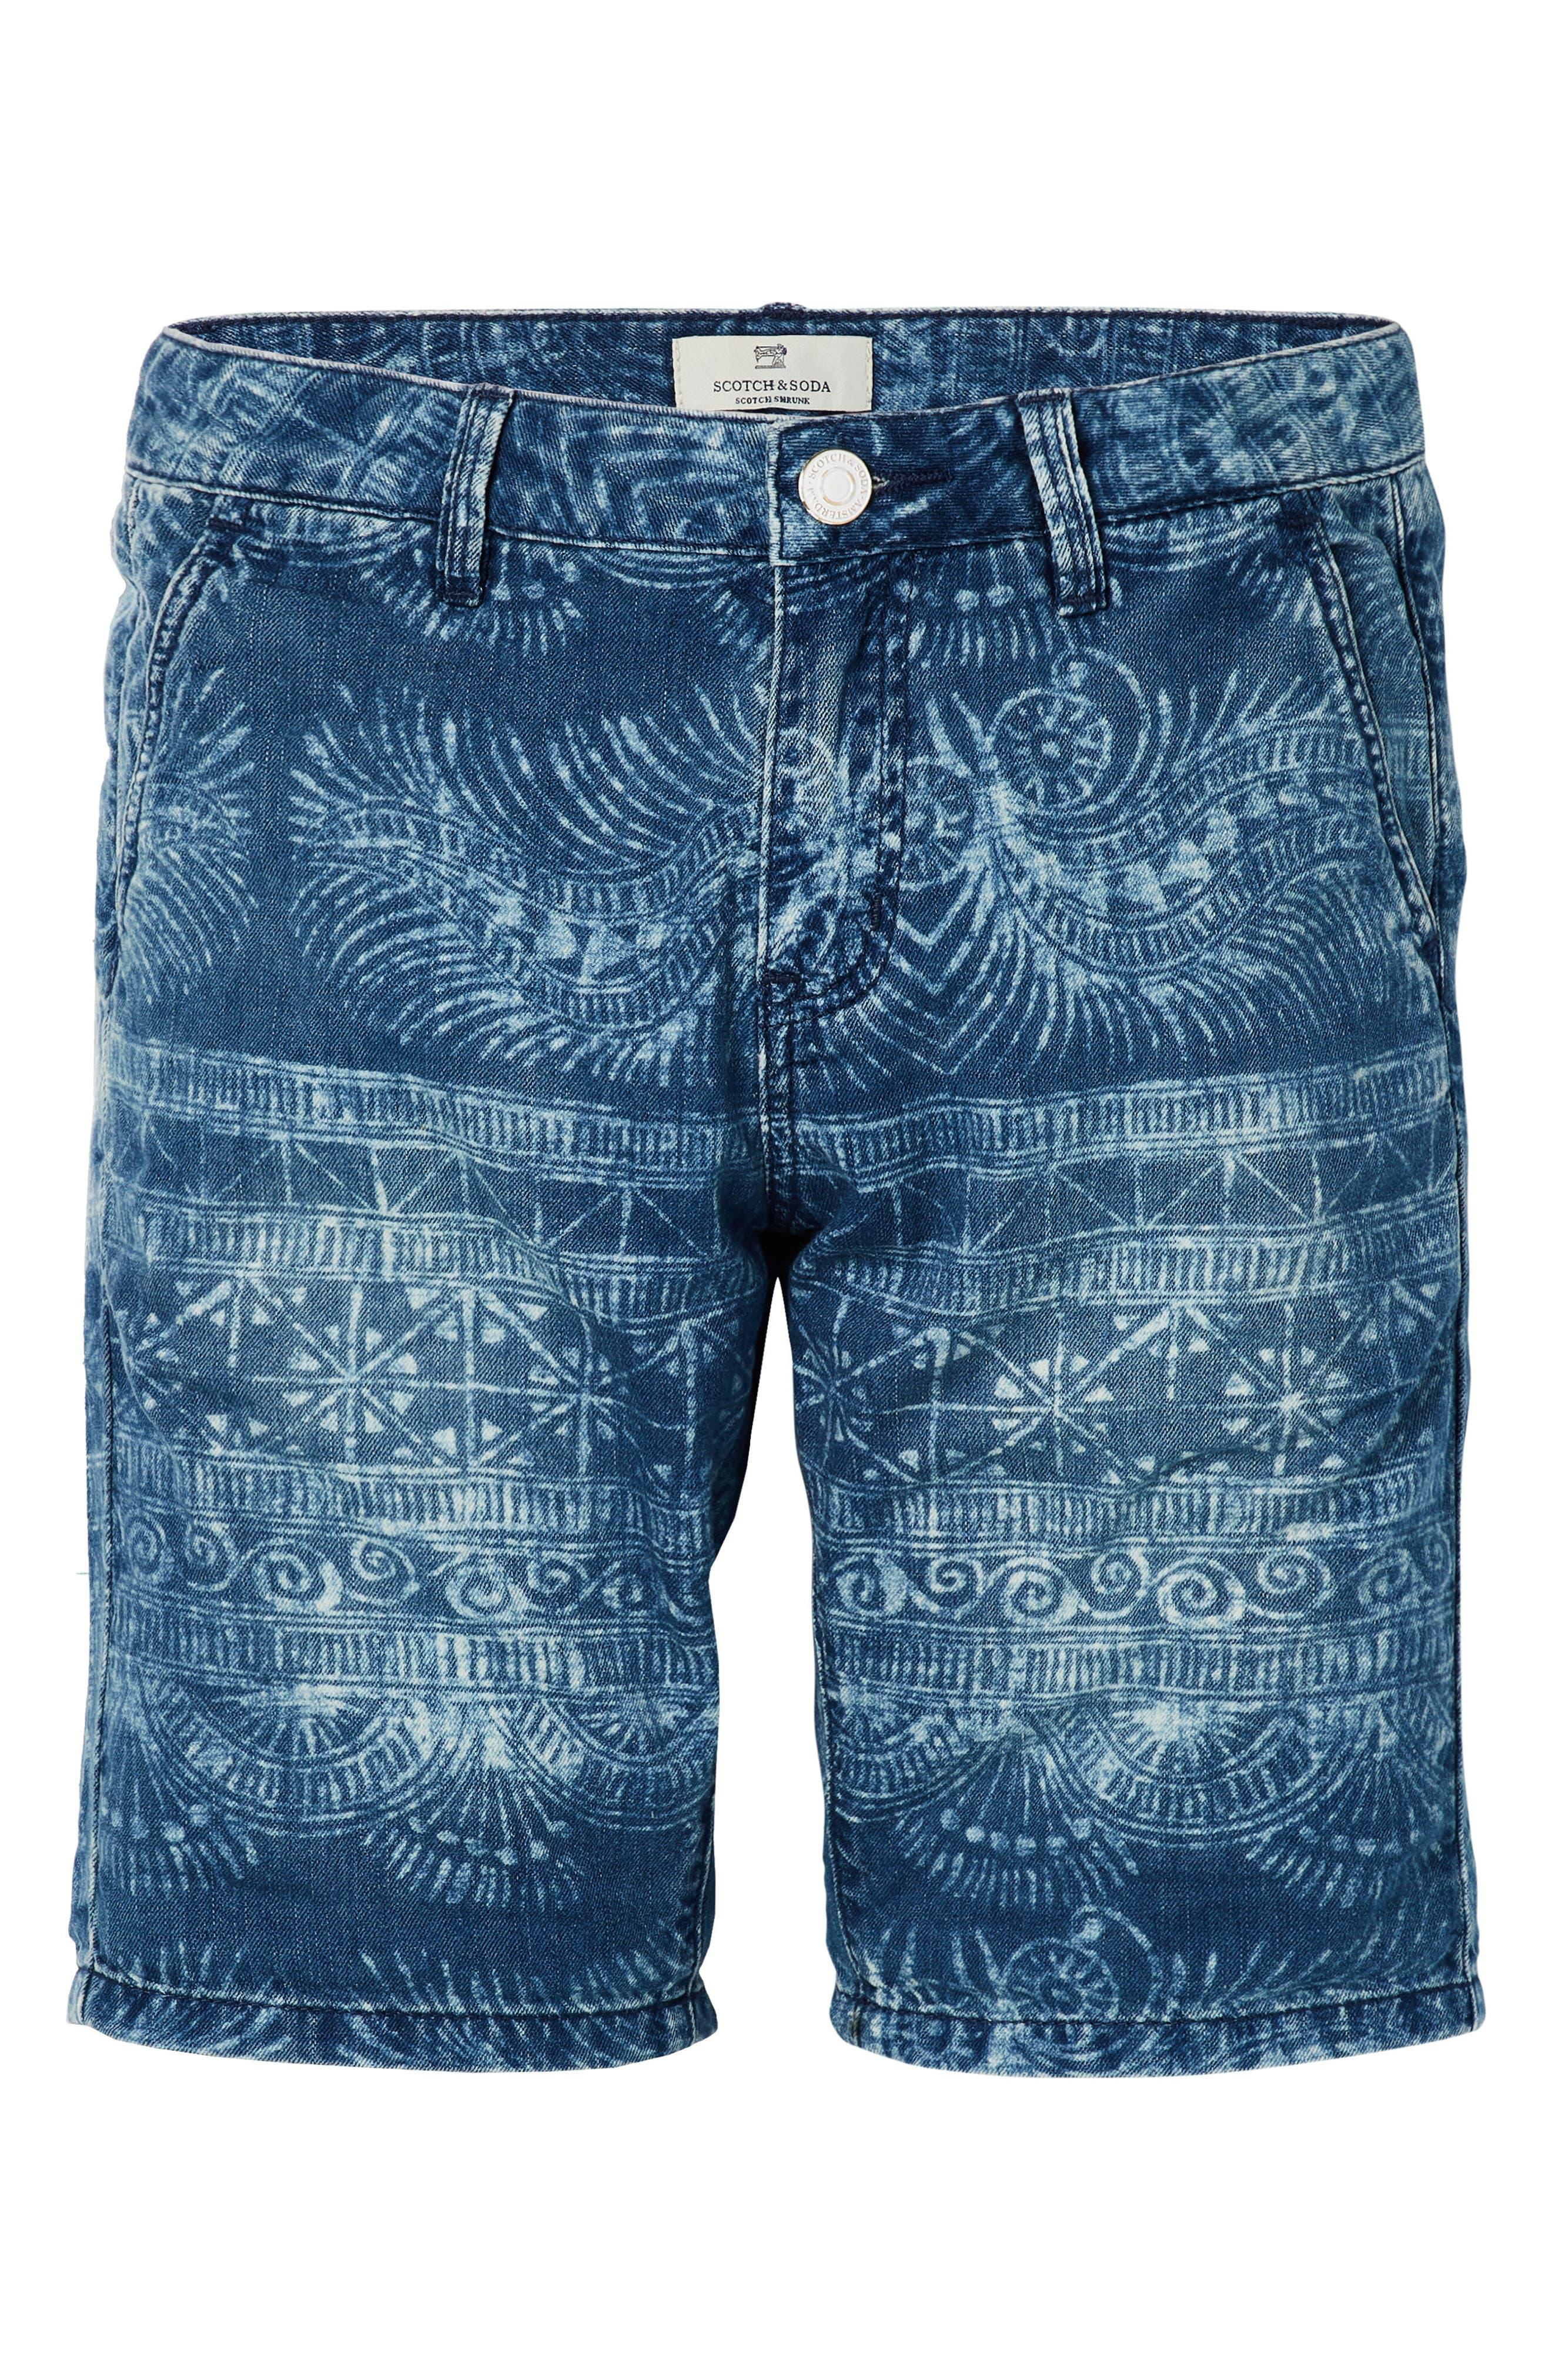 Denim Chino Shorts,                         Main,                         color, 400